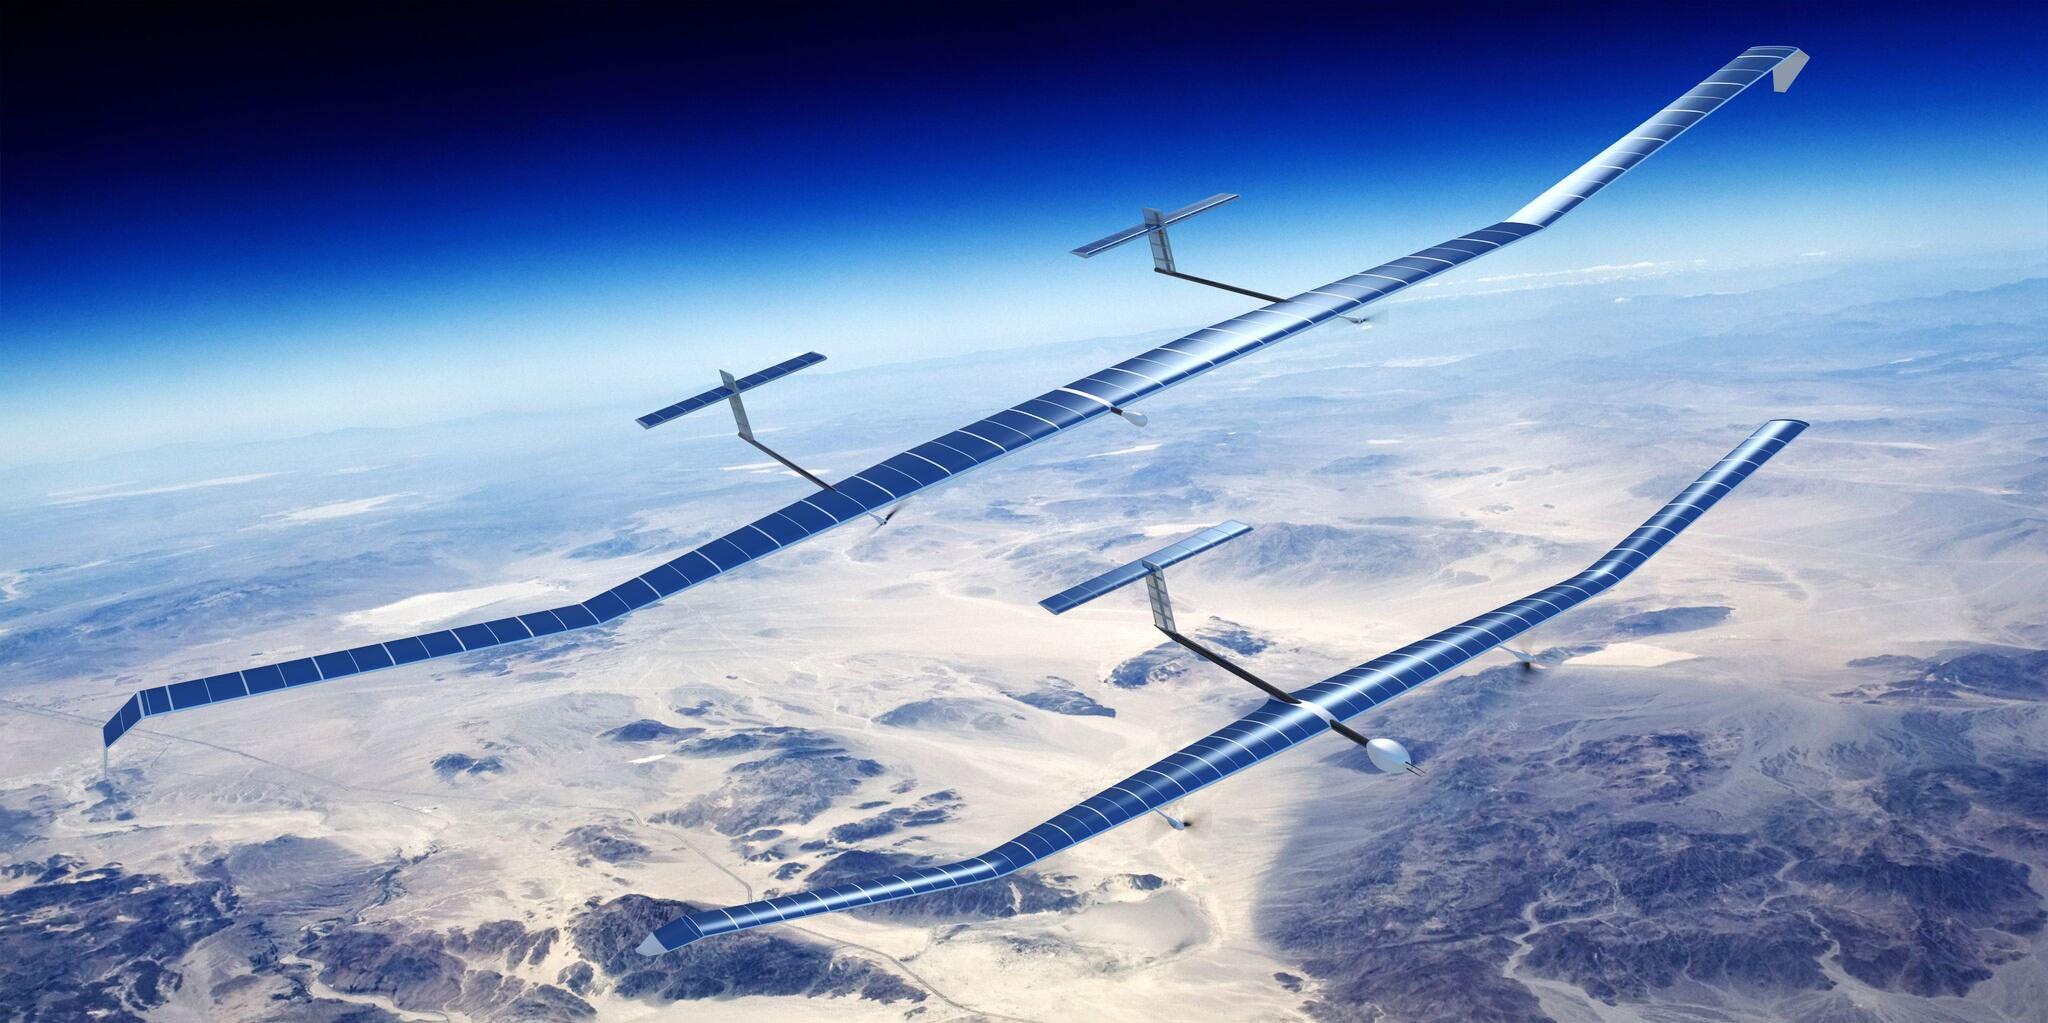 Airbus giới thiệu máy bay không người lái sử dụng năng lượng mặt trời